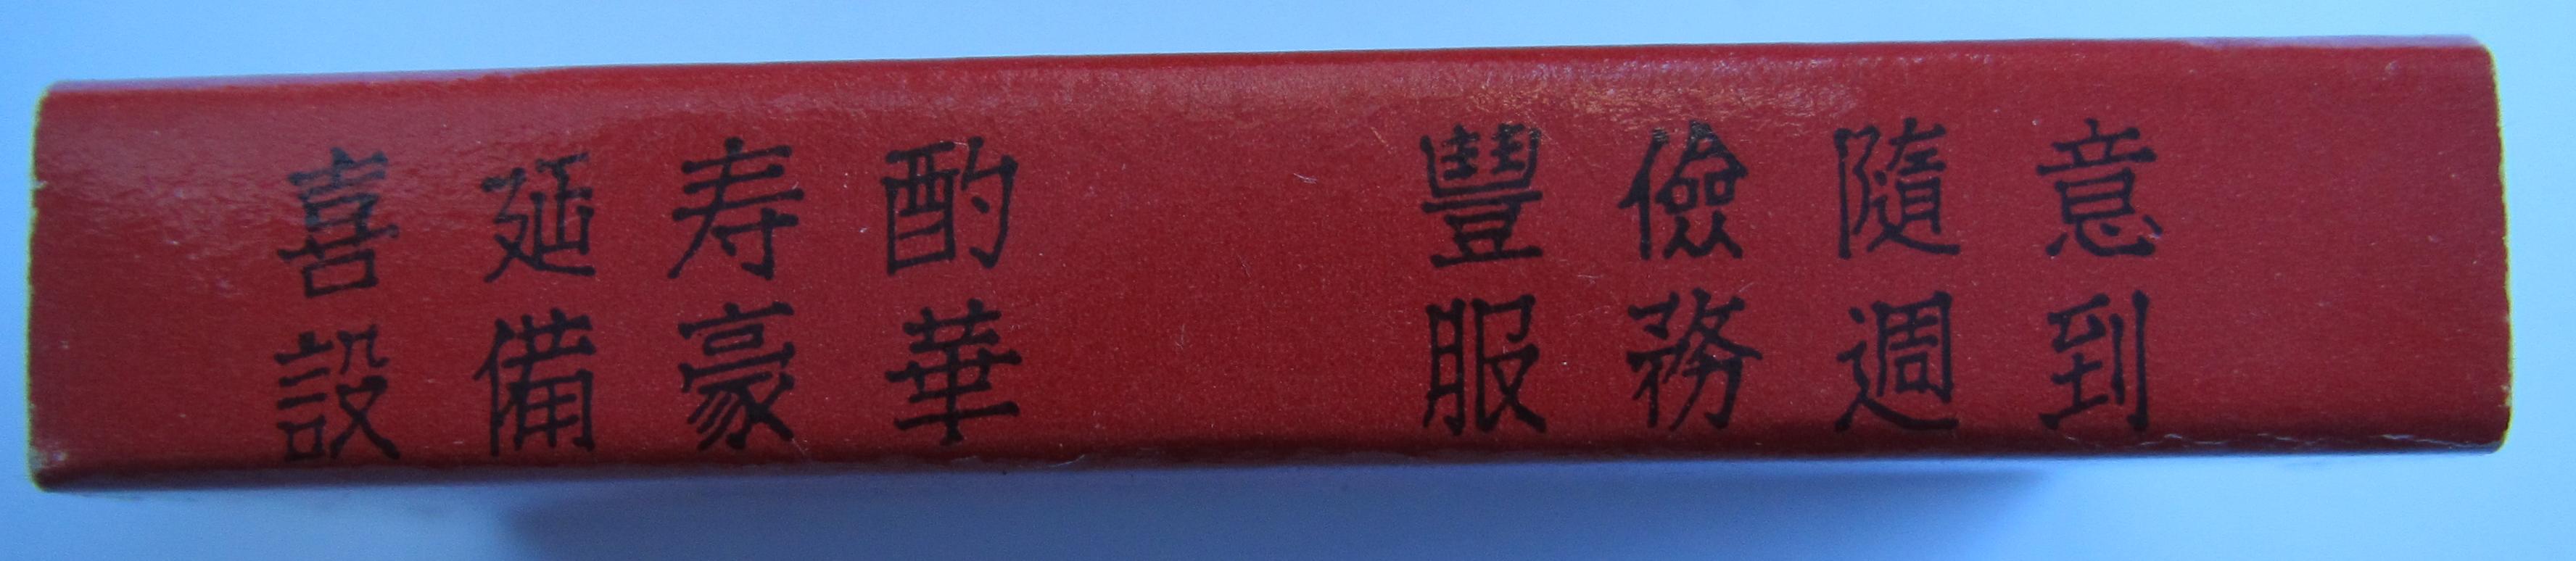 caixa-fosforos-hotel-clover-e-rest-lee-hong-kei-lado-superior